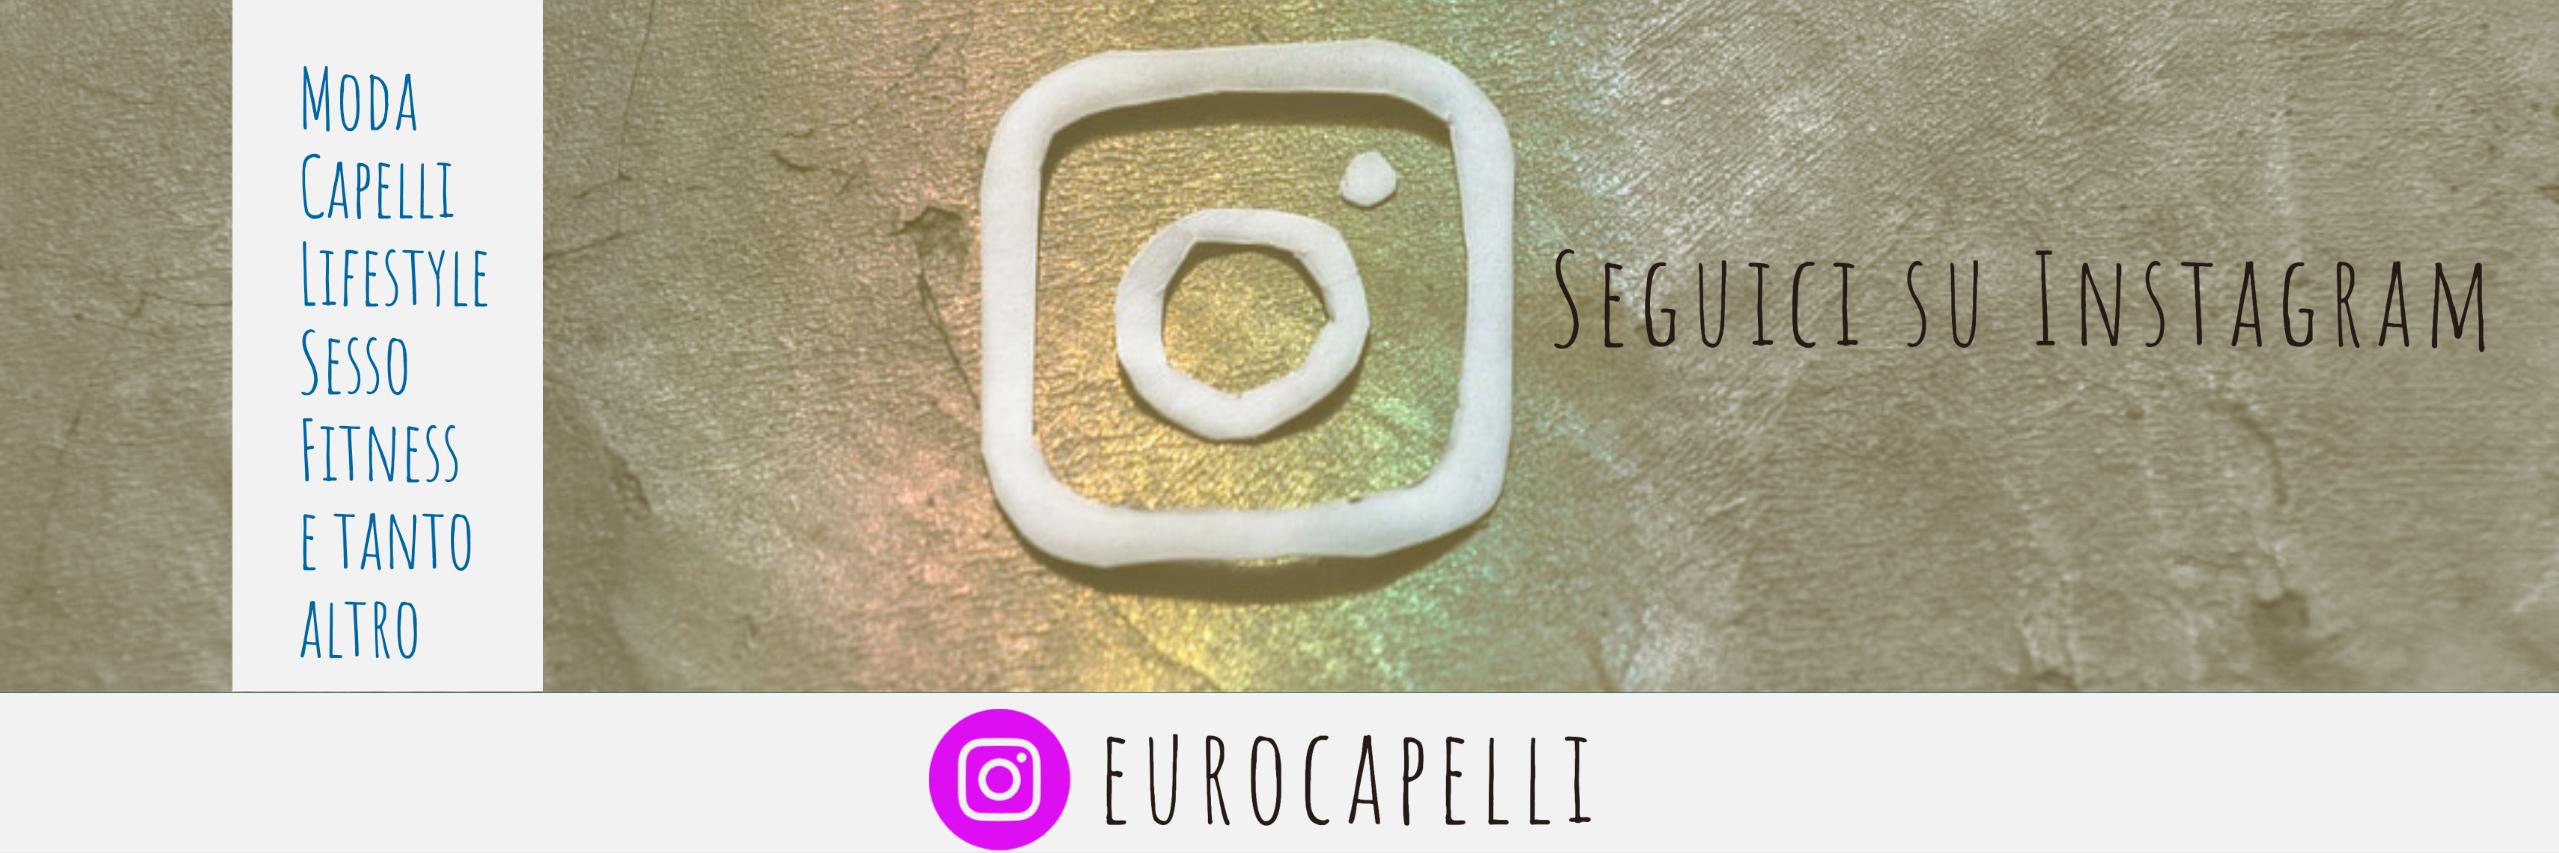 Seguici Instagram